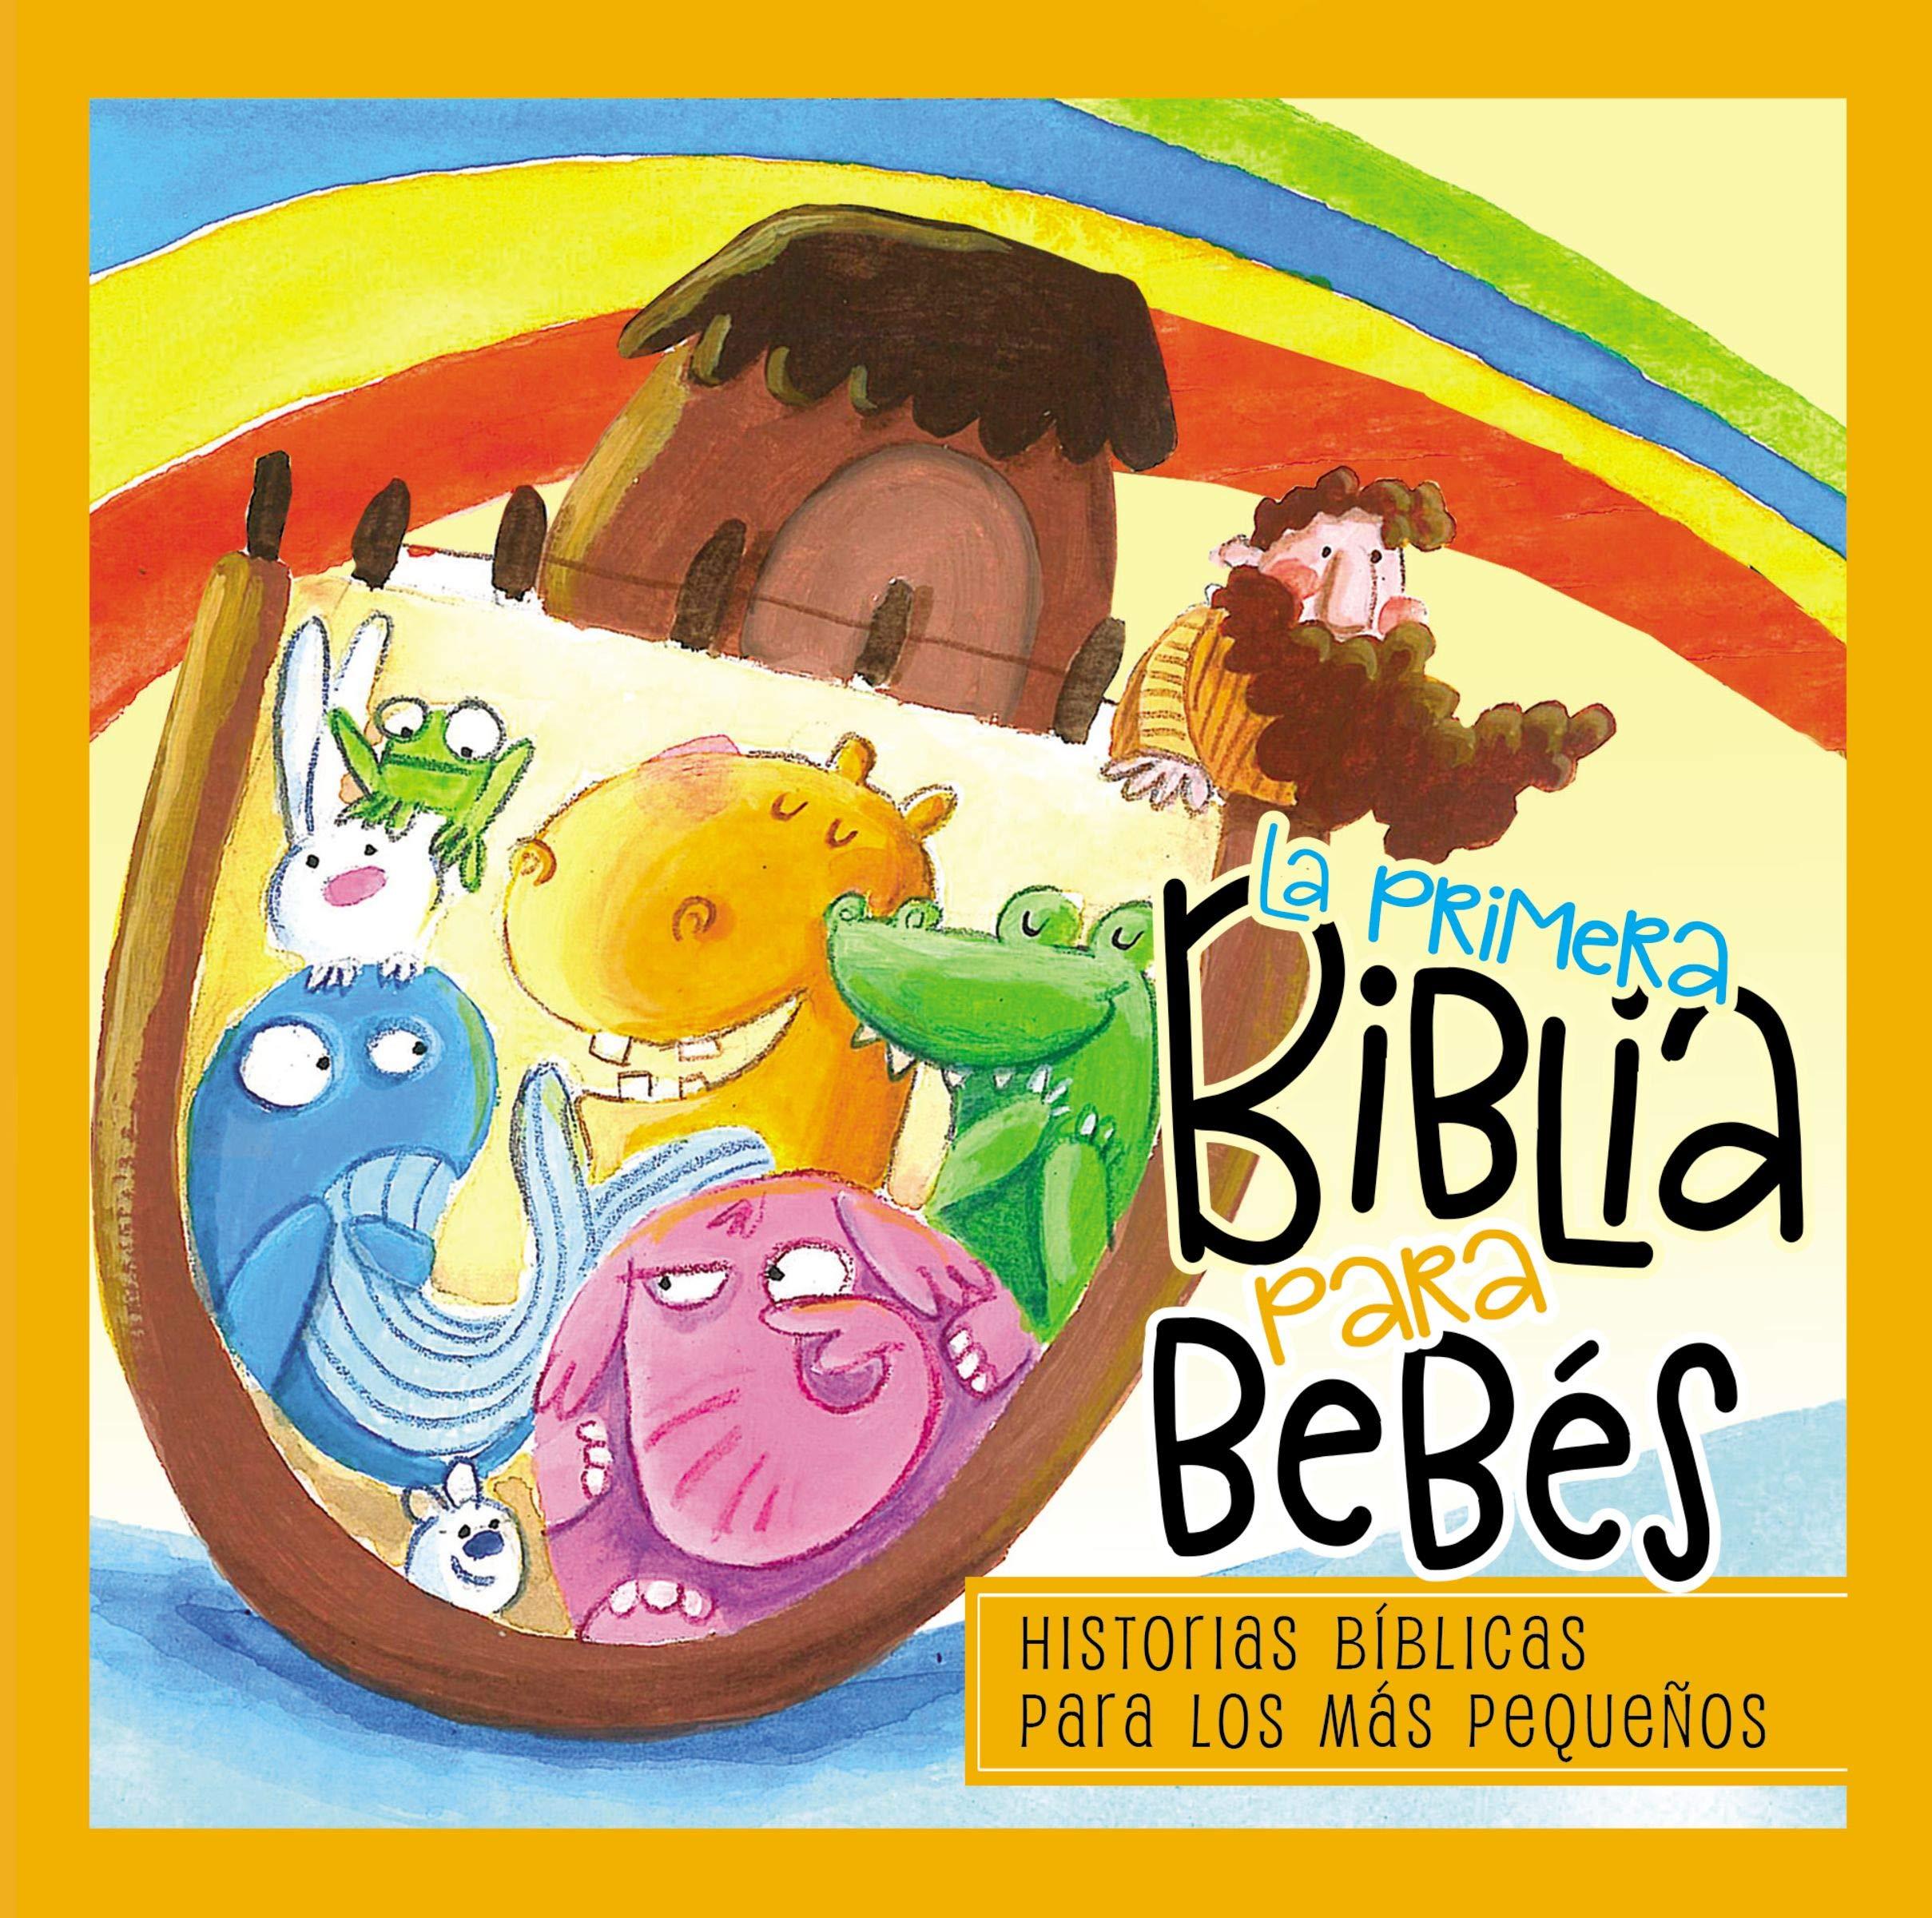 La primera Biblia para bebés: El mensaje de le Biblia-corto y ...